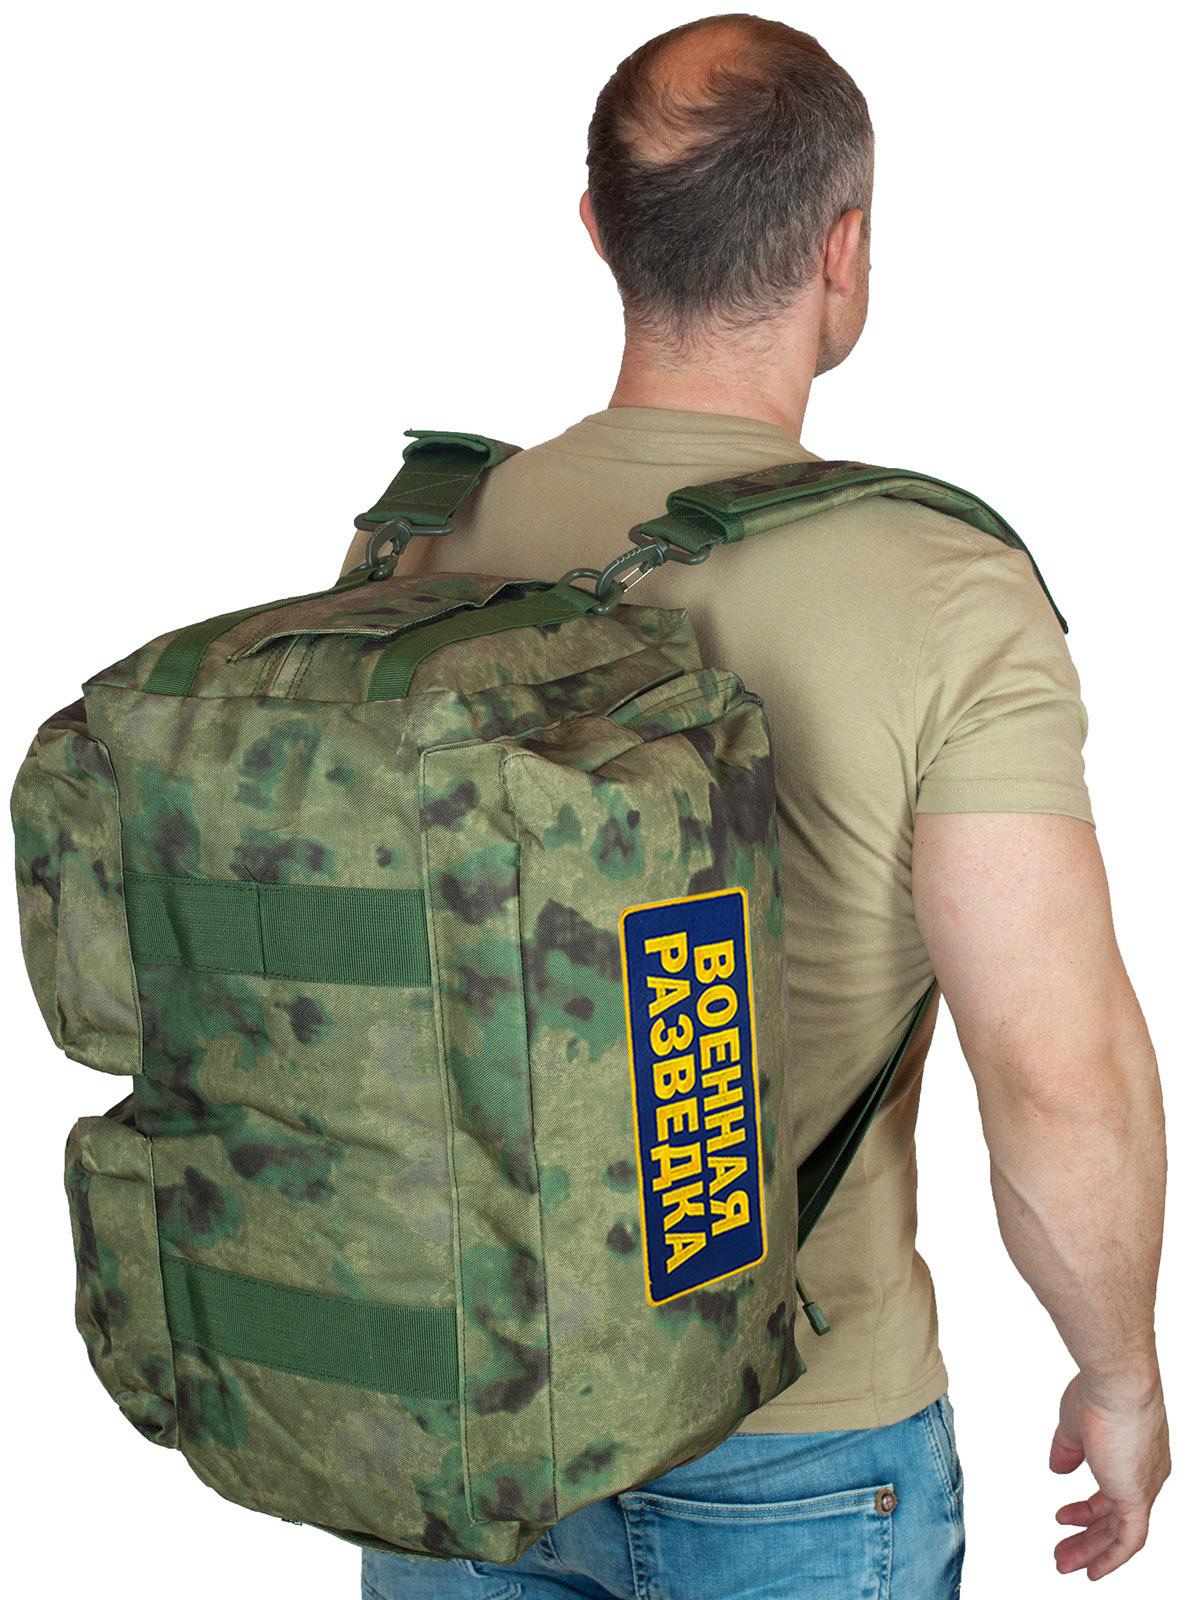 Тактическое снаряжение Военной разведки: сумки и рюкзаки всех видов и размеров